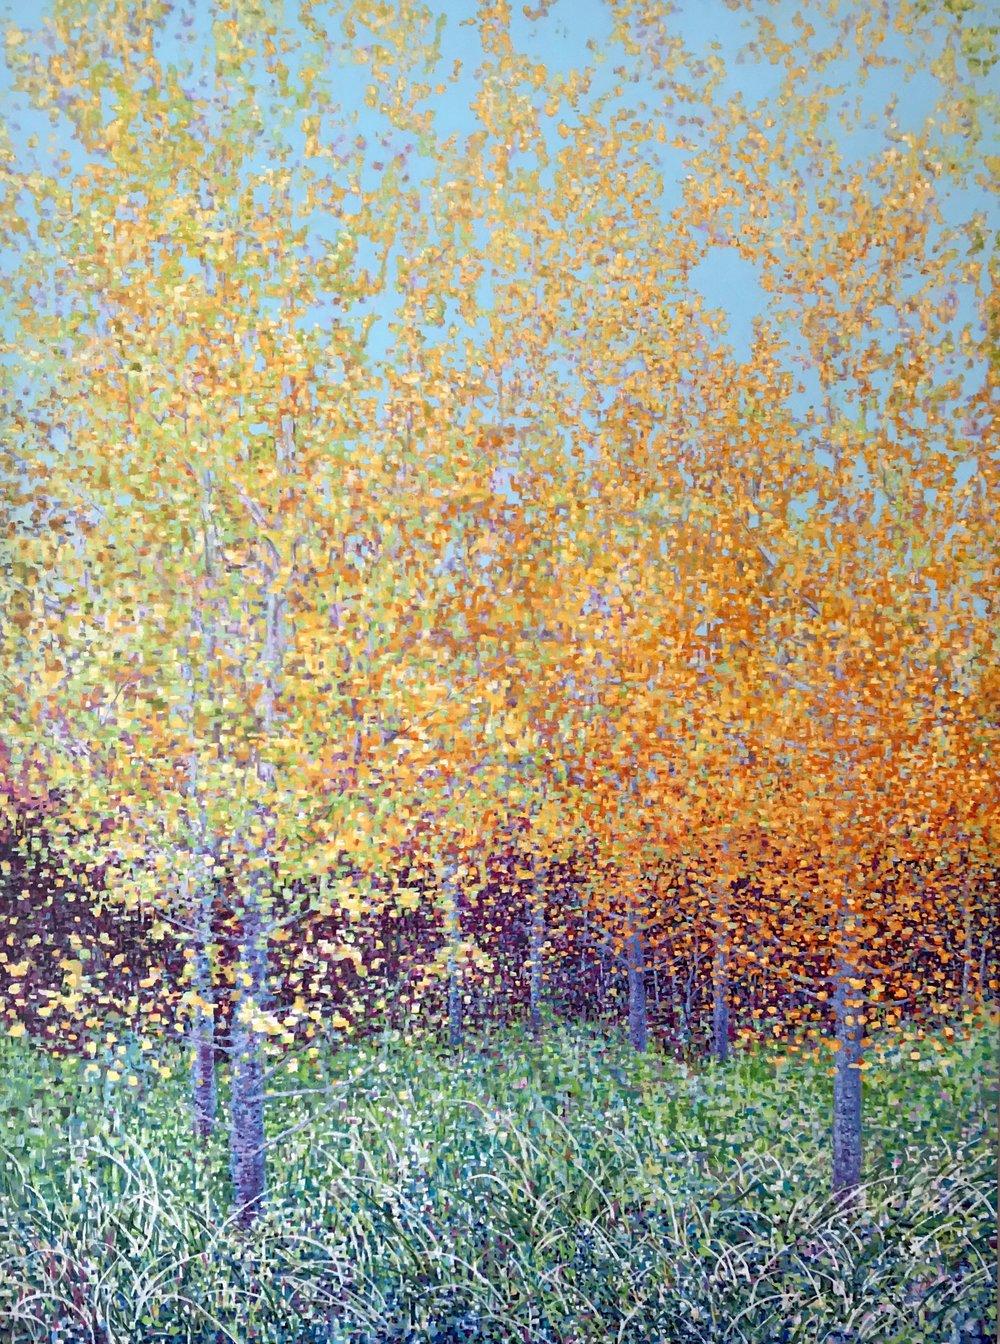 """Autumn, Oil on Linen, Oil on Linen, 36 x 48"""" 2018"""